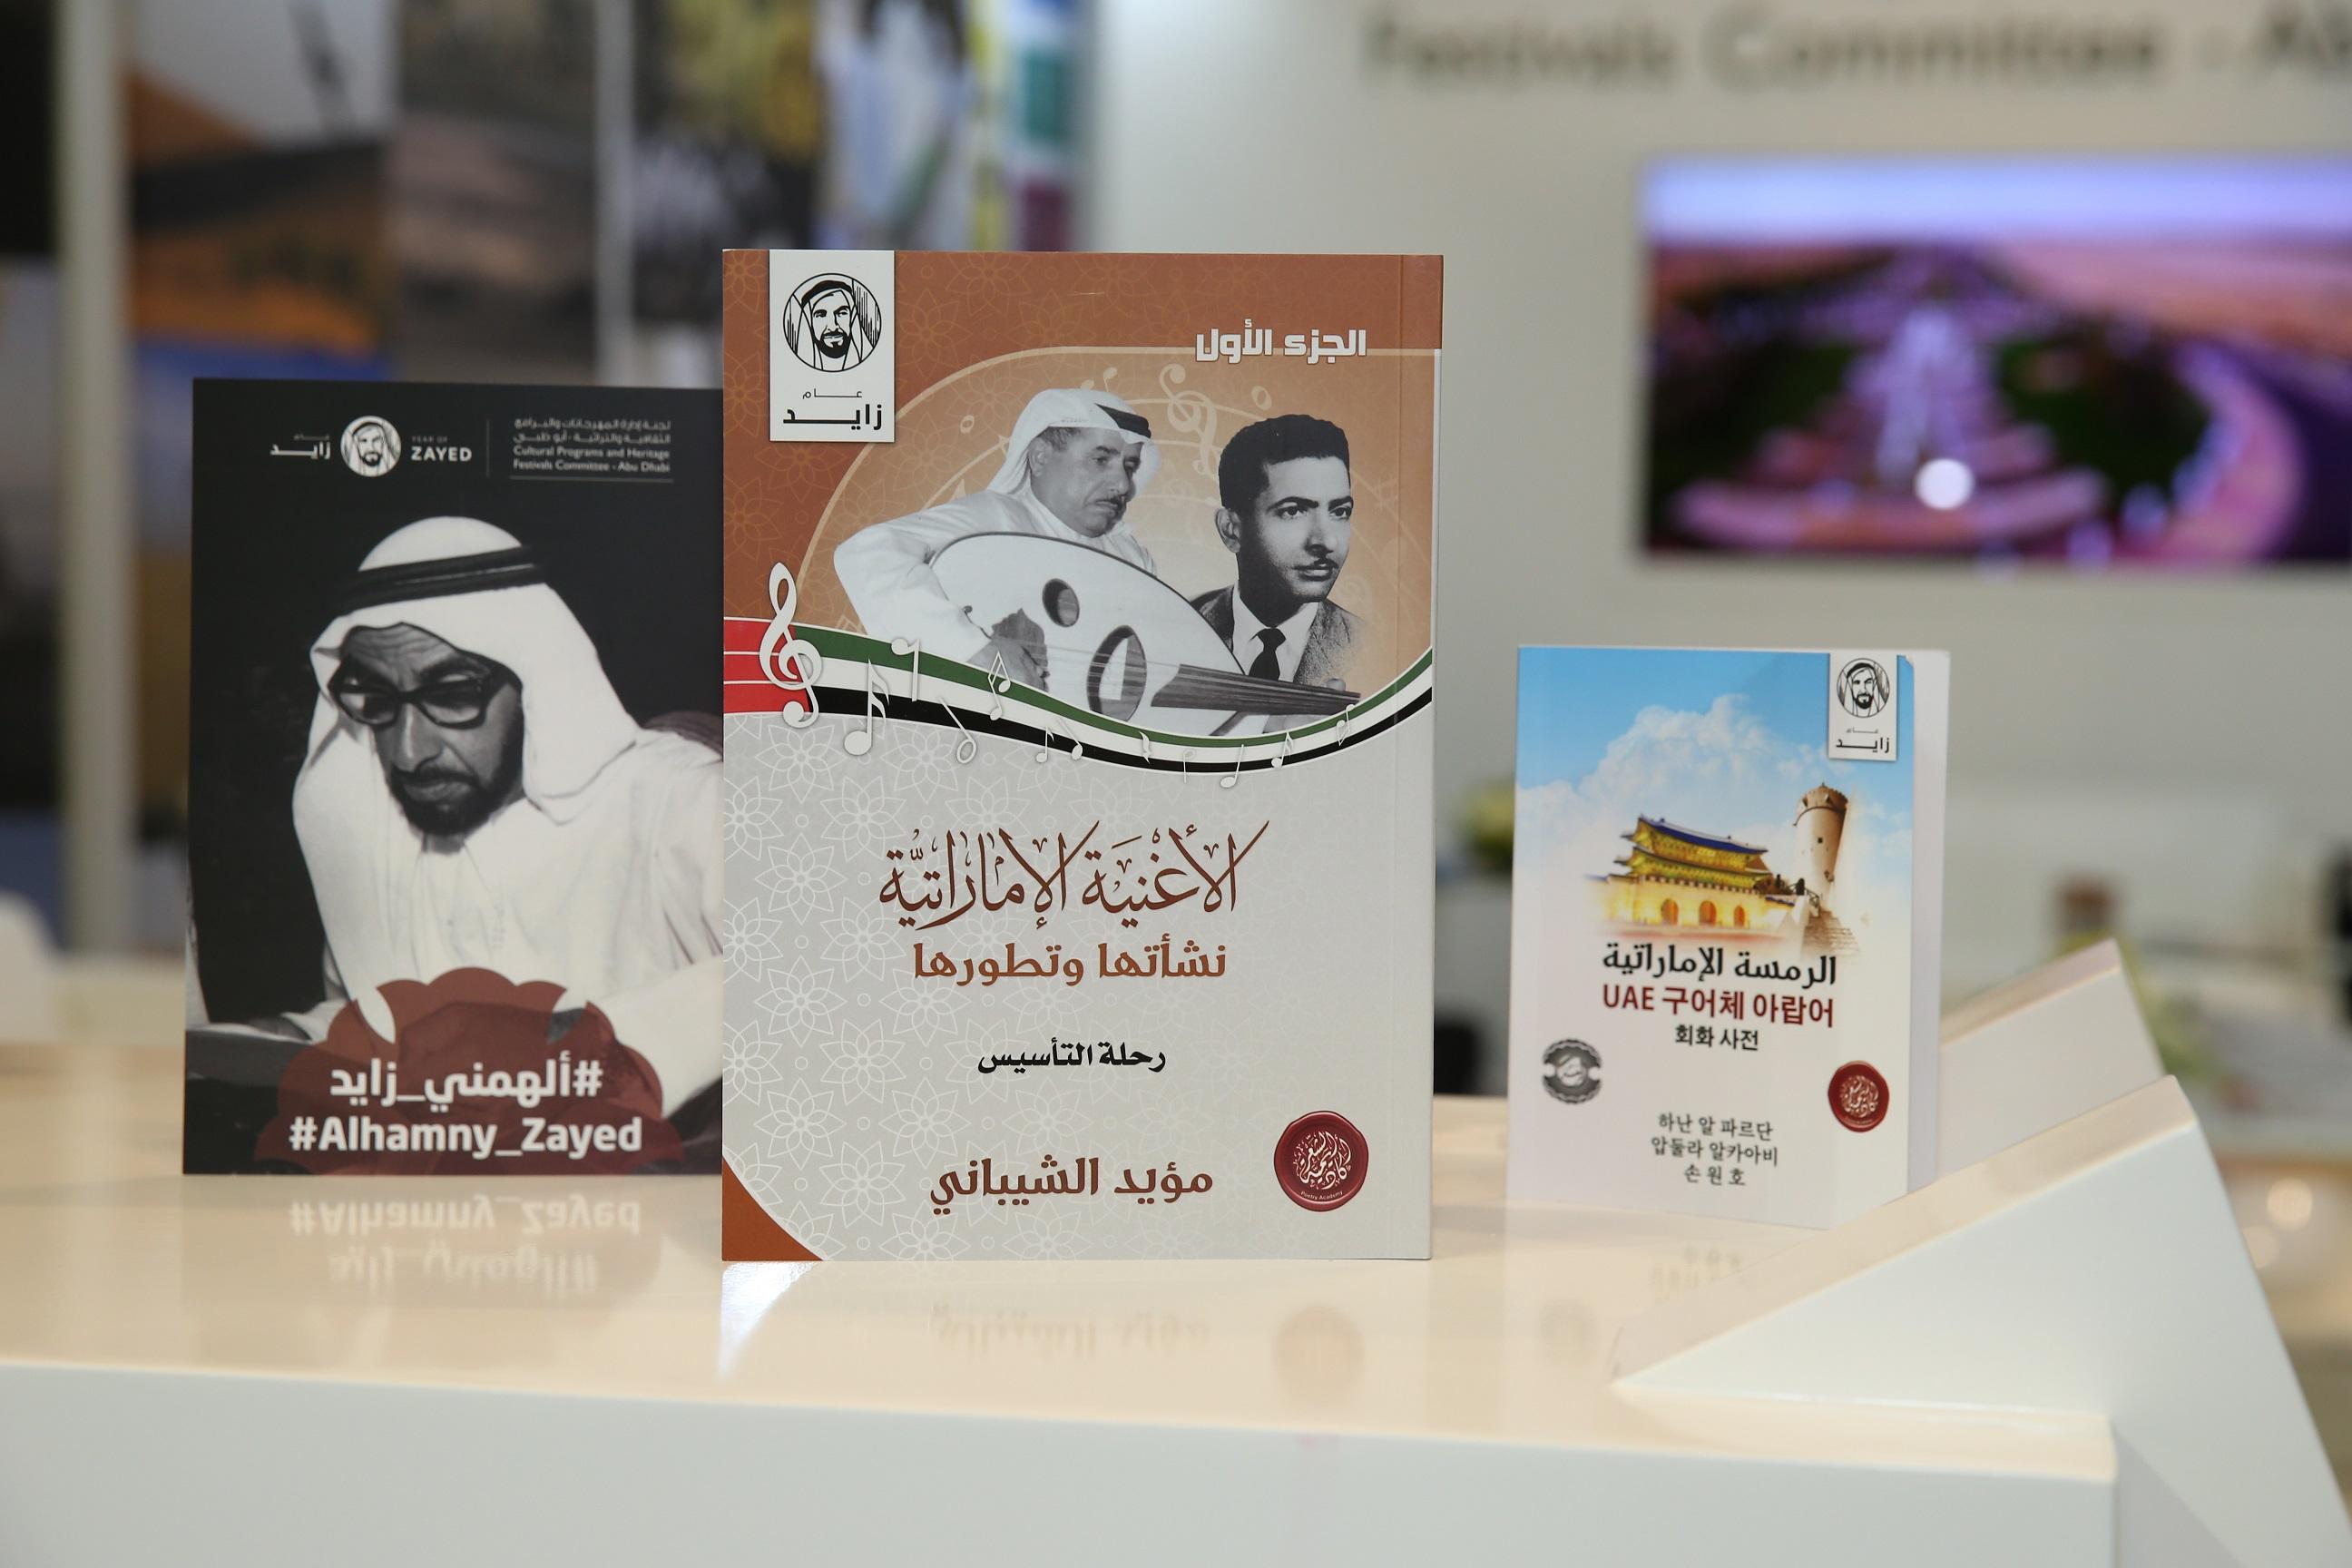 أكاديمية الشعر فى معرض أبوظبى الدولى للكتاب (4)